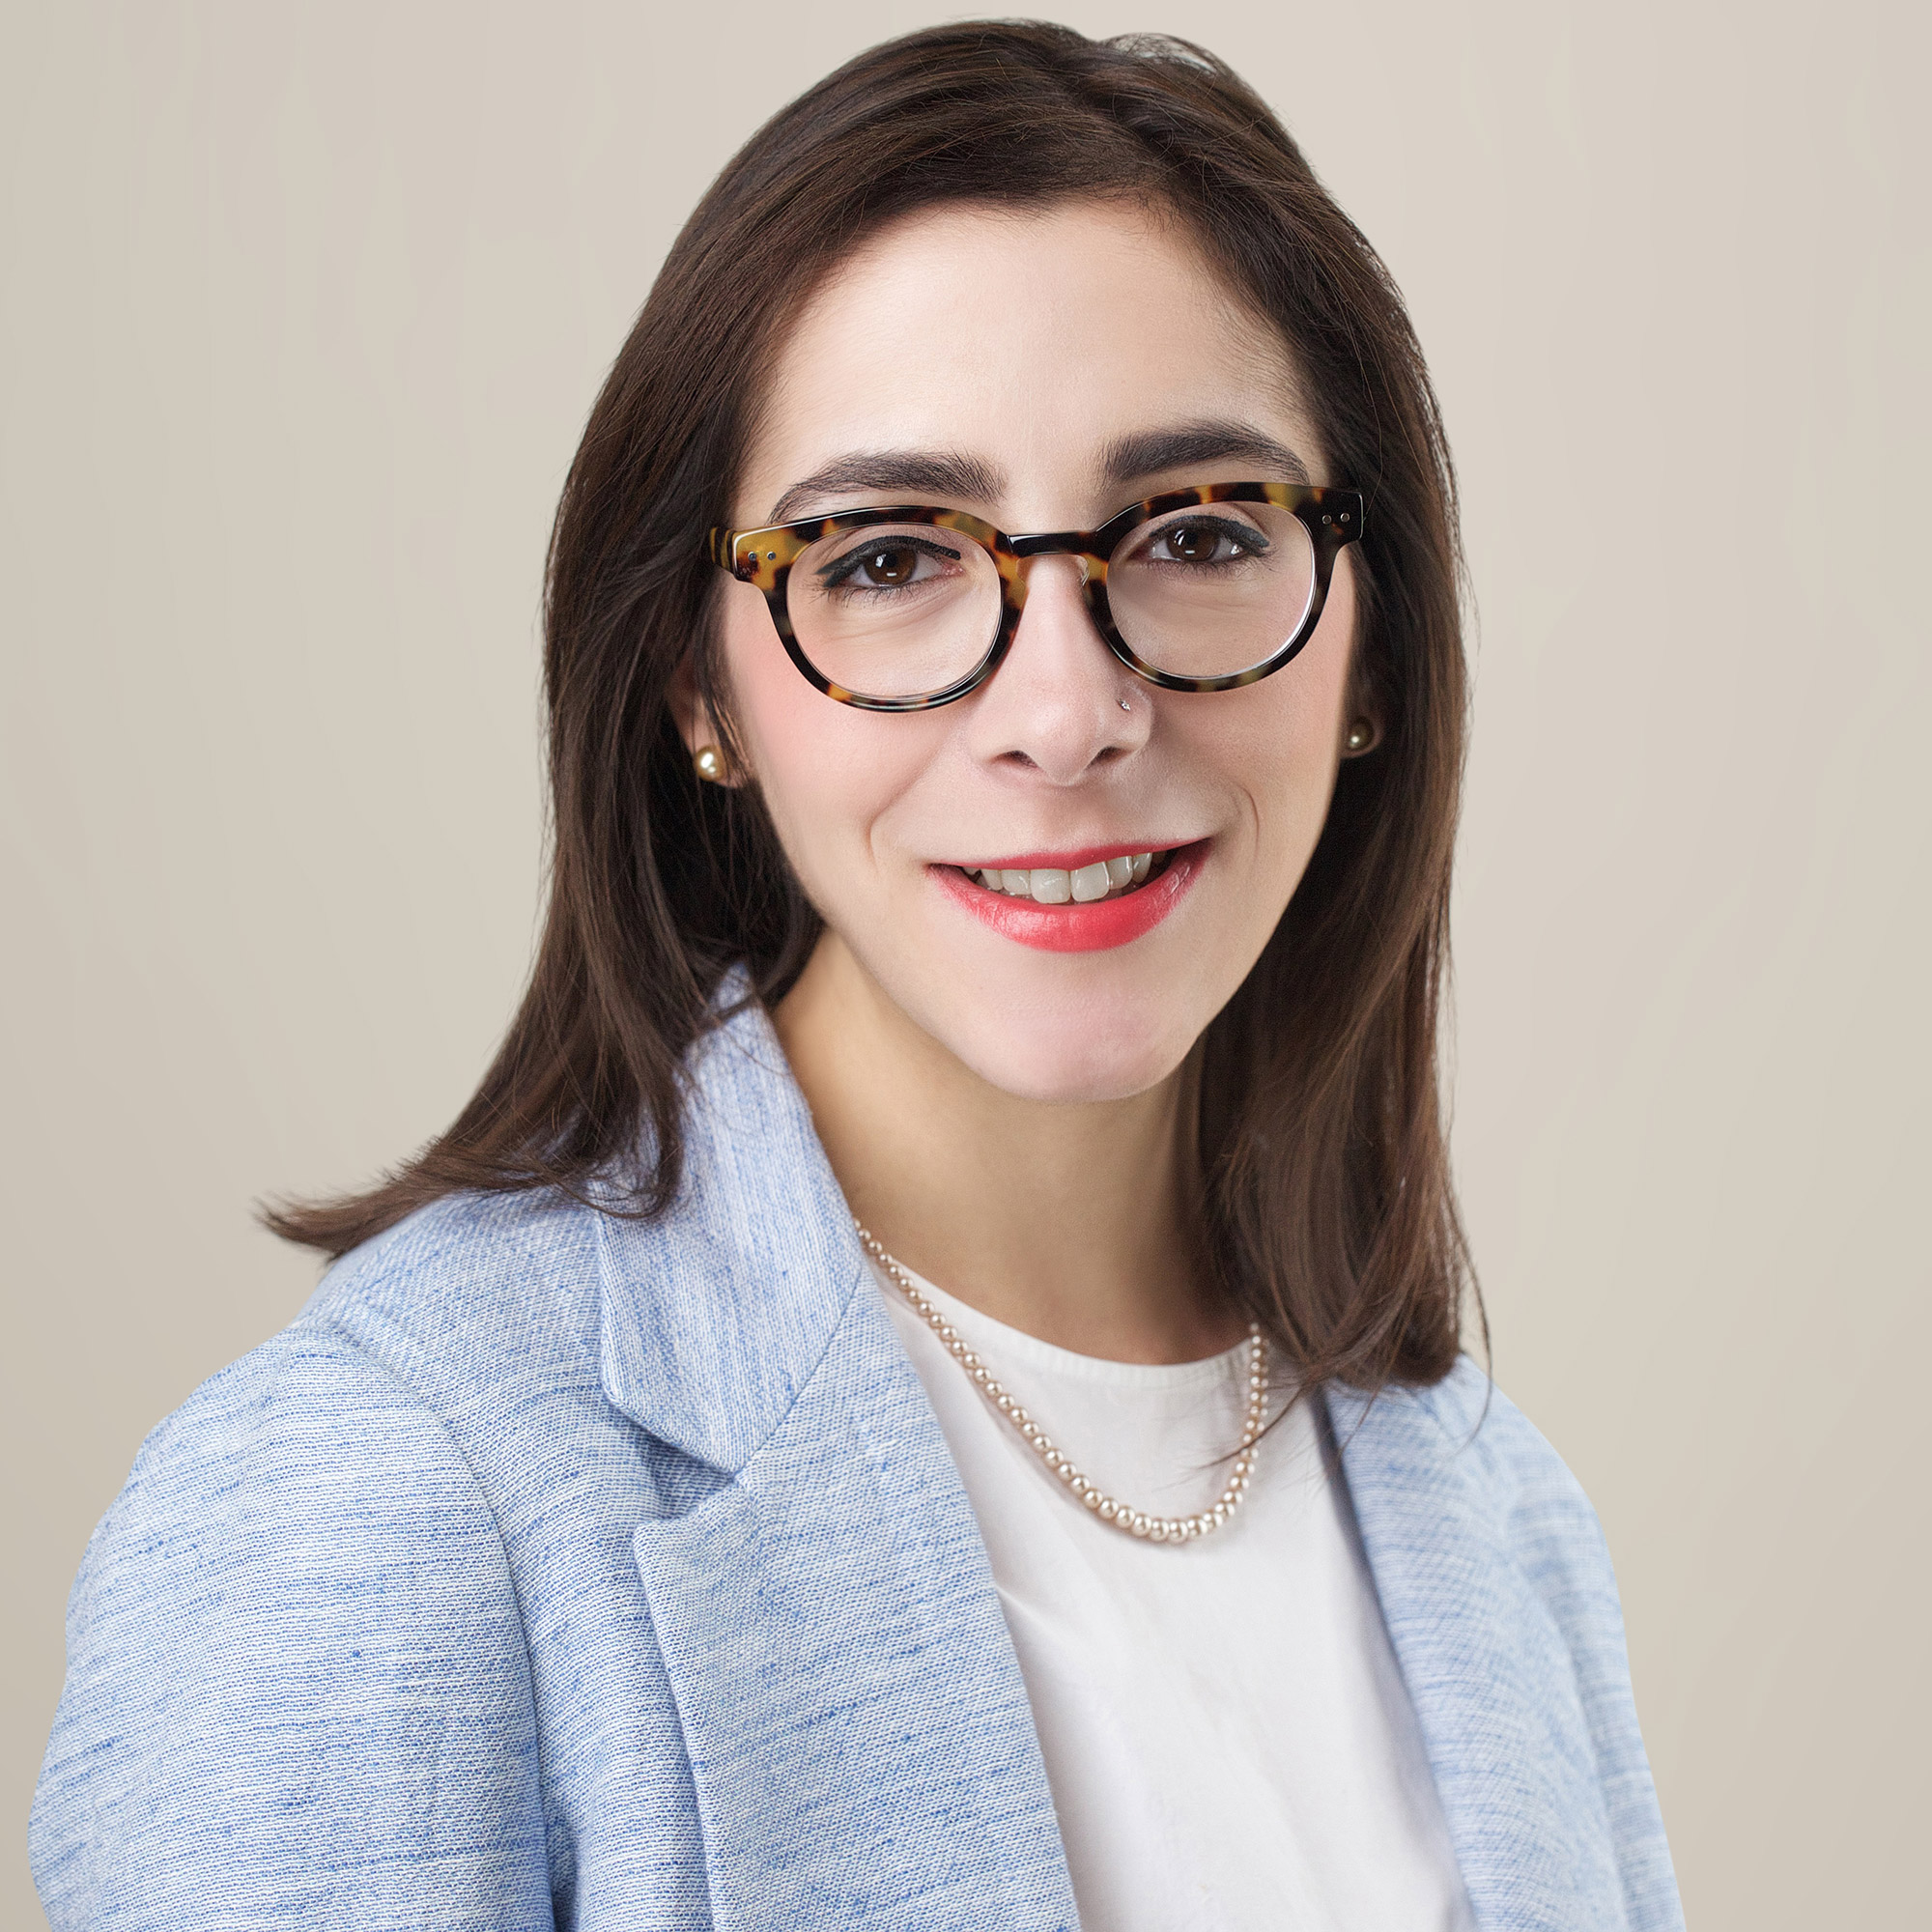 Julia-Suklevskie-headshot.jpg